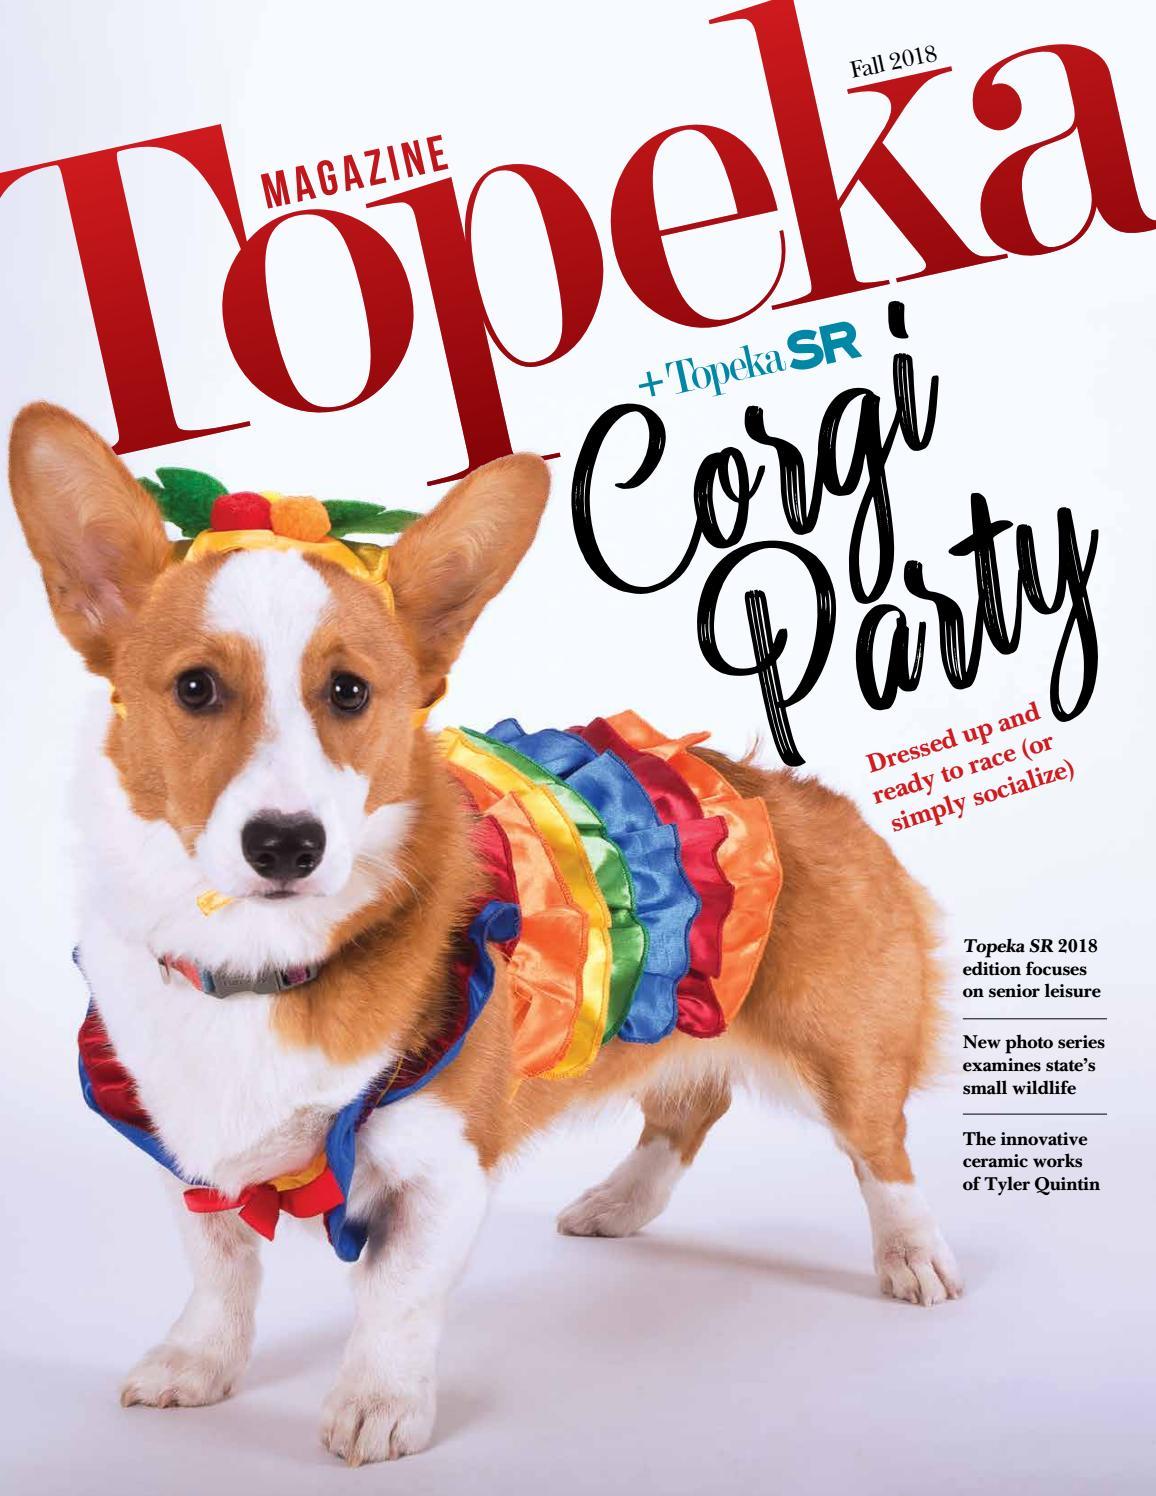 Topeka Magazine fall 2018